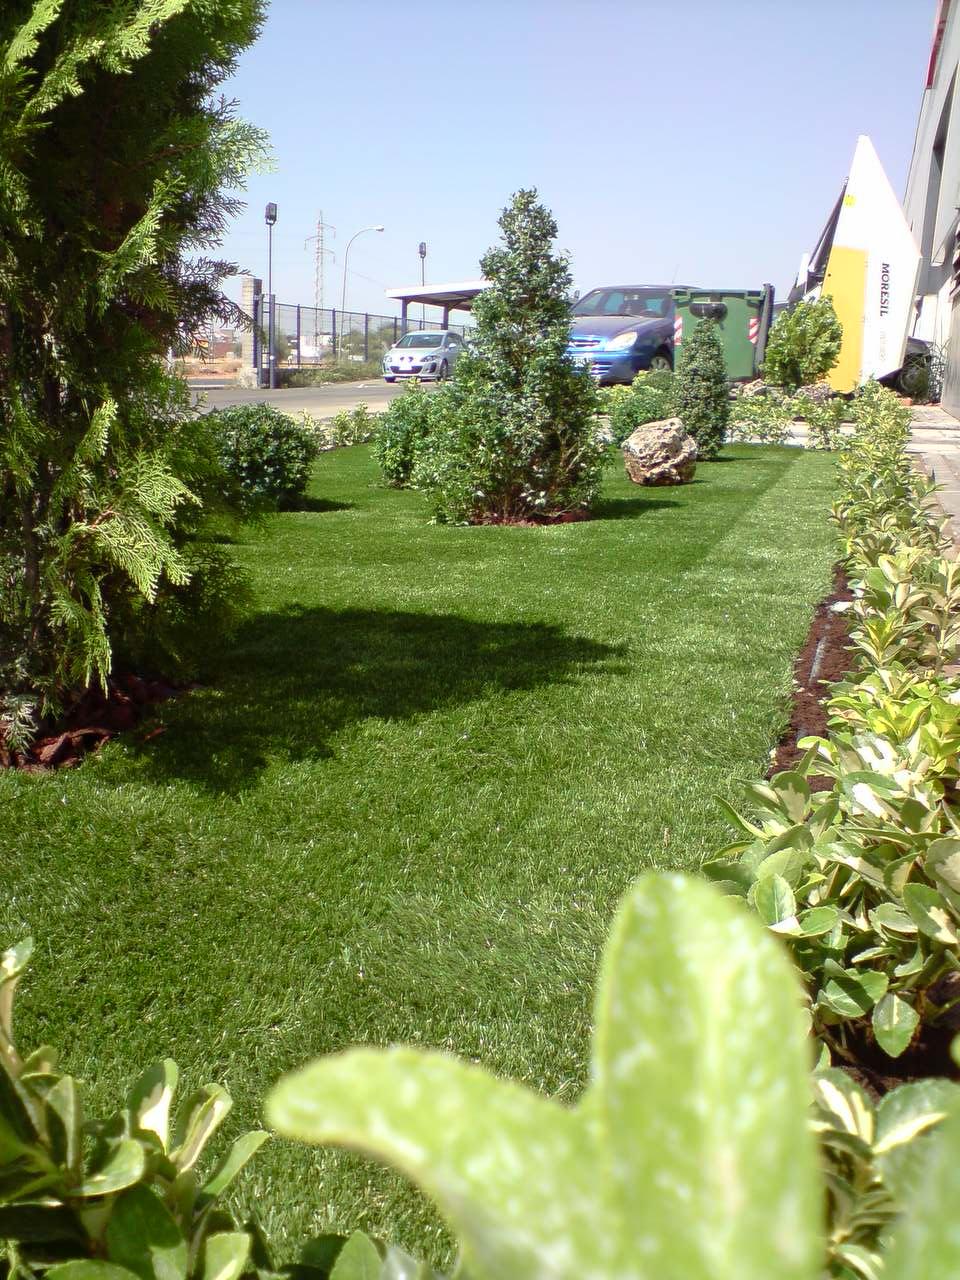 La empresa plantas y jardines cordoba dise o - Jardines cordoba ...